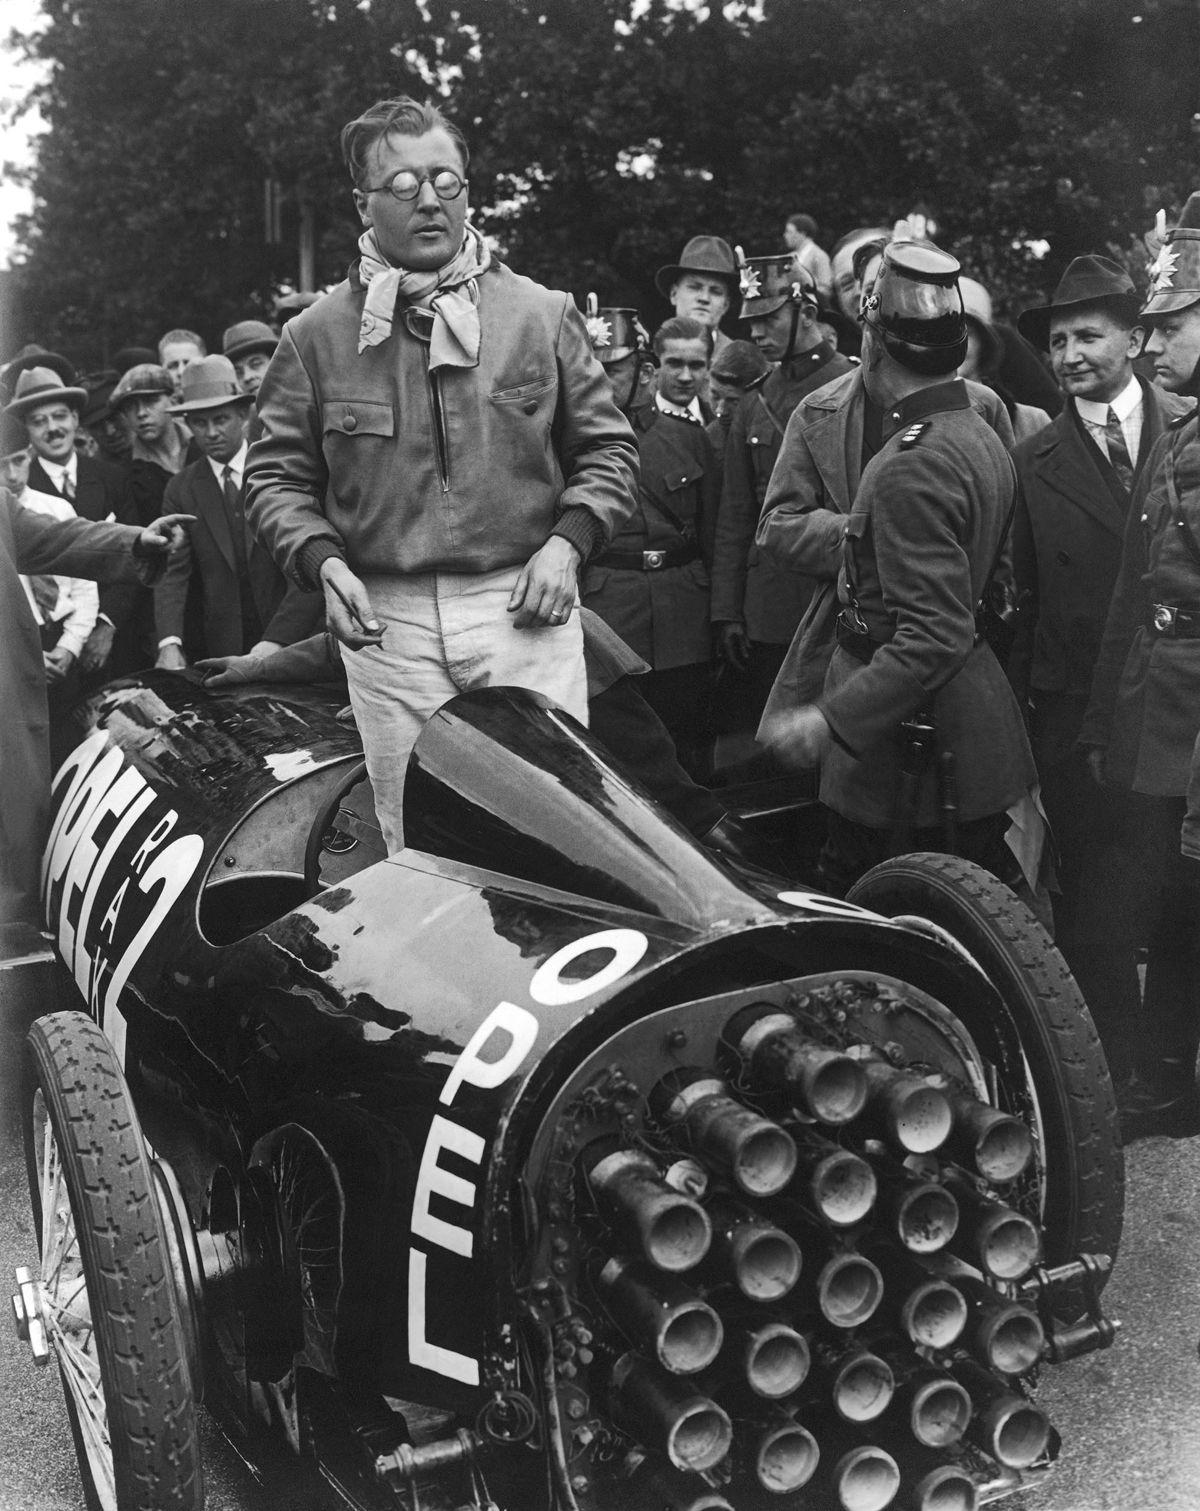 """Visionaries: Fritz von Opel in the RAK 2 and Otto Willi Gail, author of the book """"Mit Raketenkraft ins Weltenall – Vom Feuerwagen zum Raumschiff"""" (back right, with tie)."""